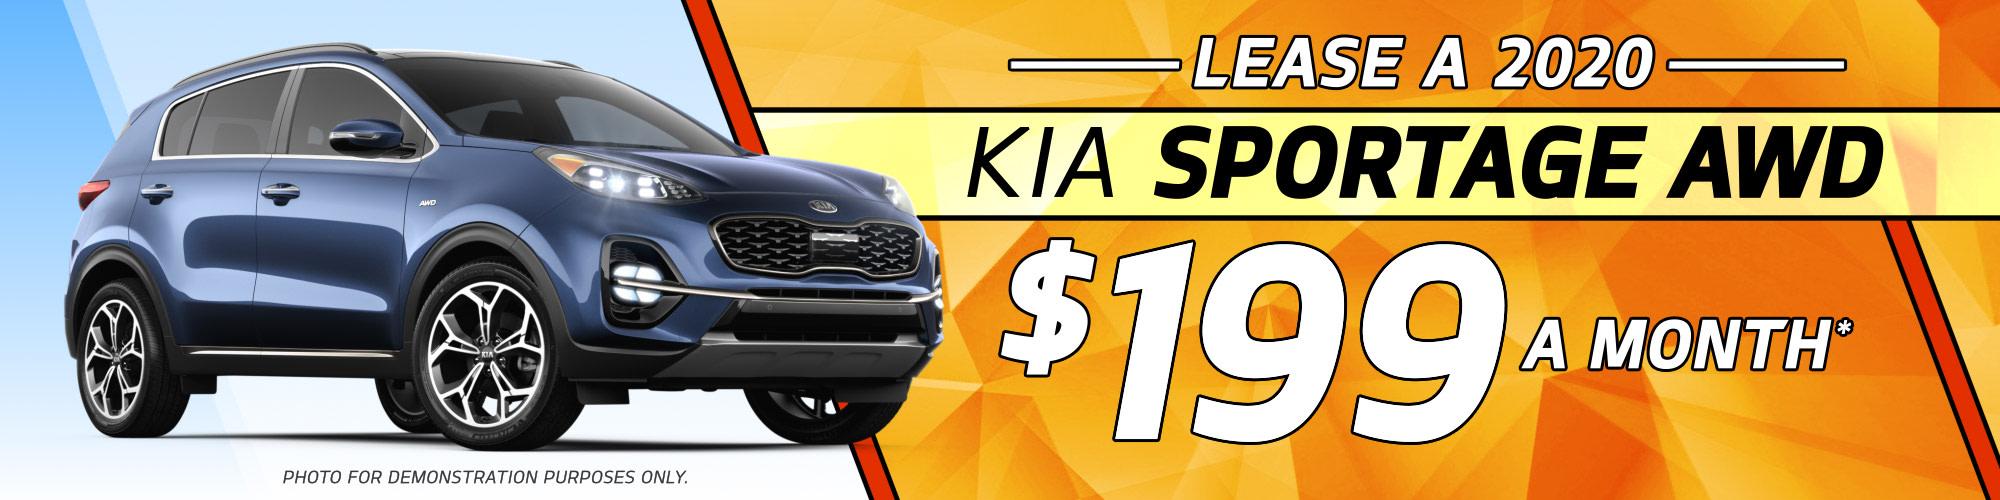 Lease a 2020 Kia Sportage